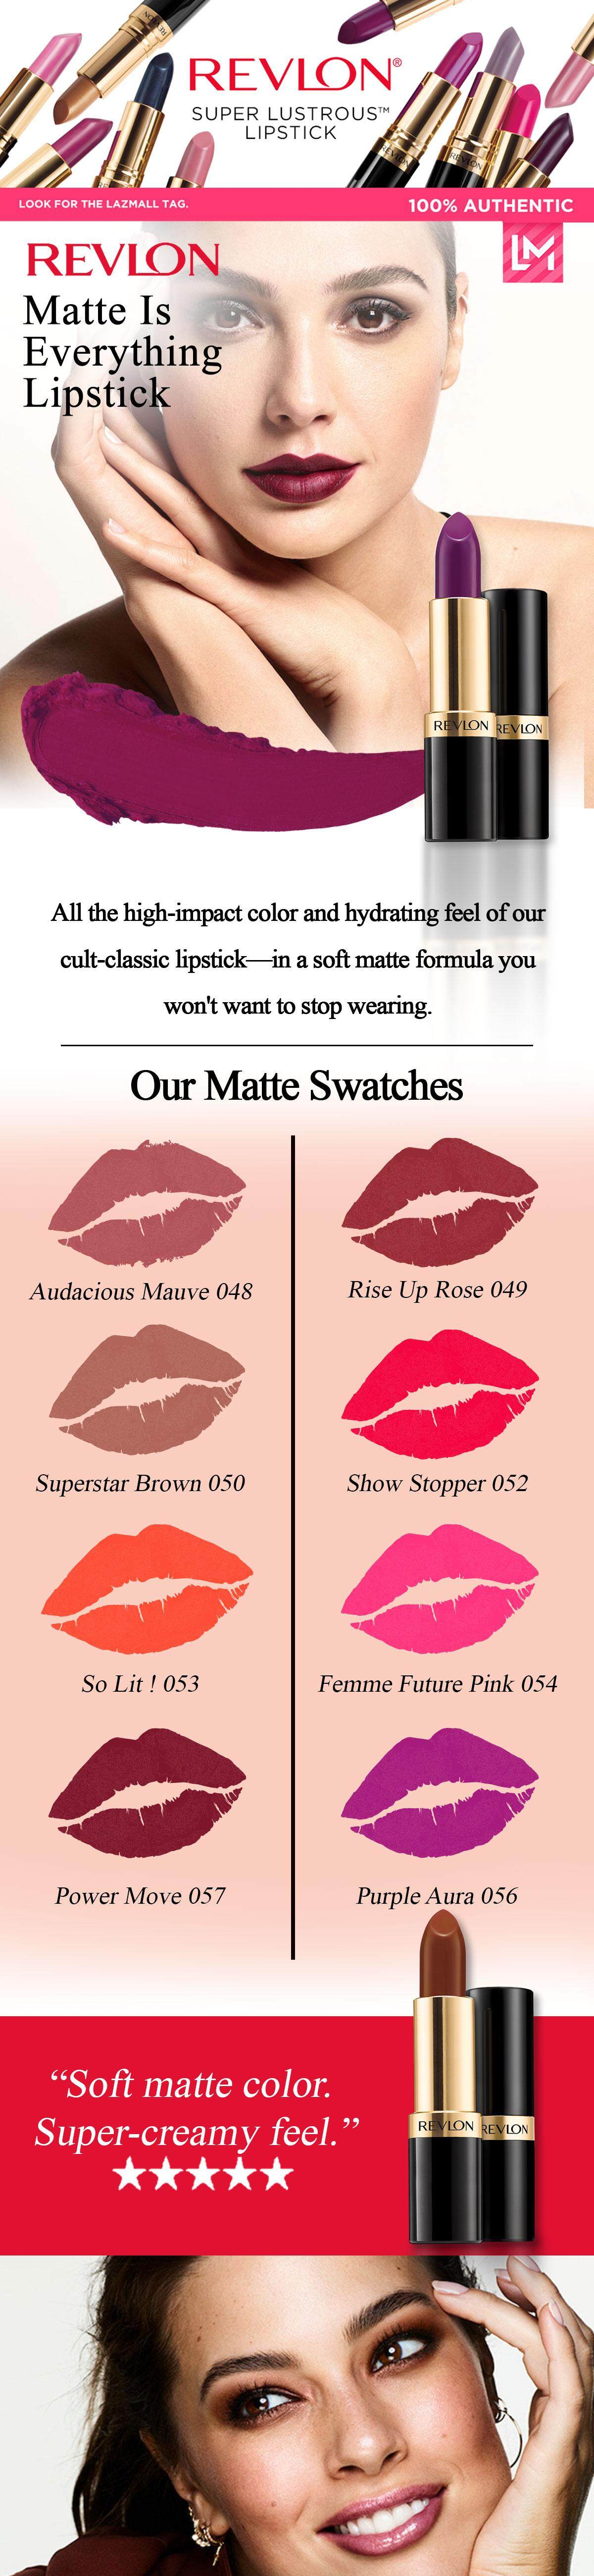 Super Lustrous The Luscious Mattes Lipstick by Revlon #16